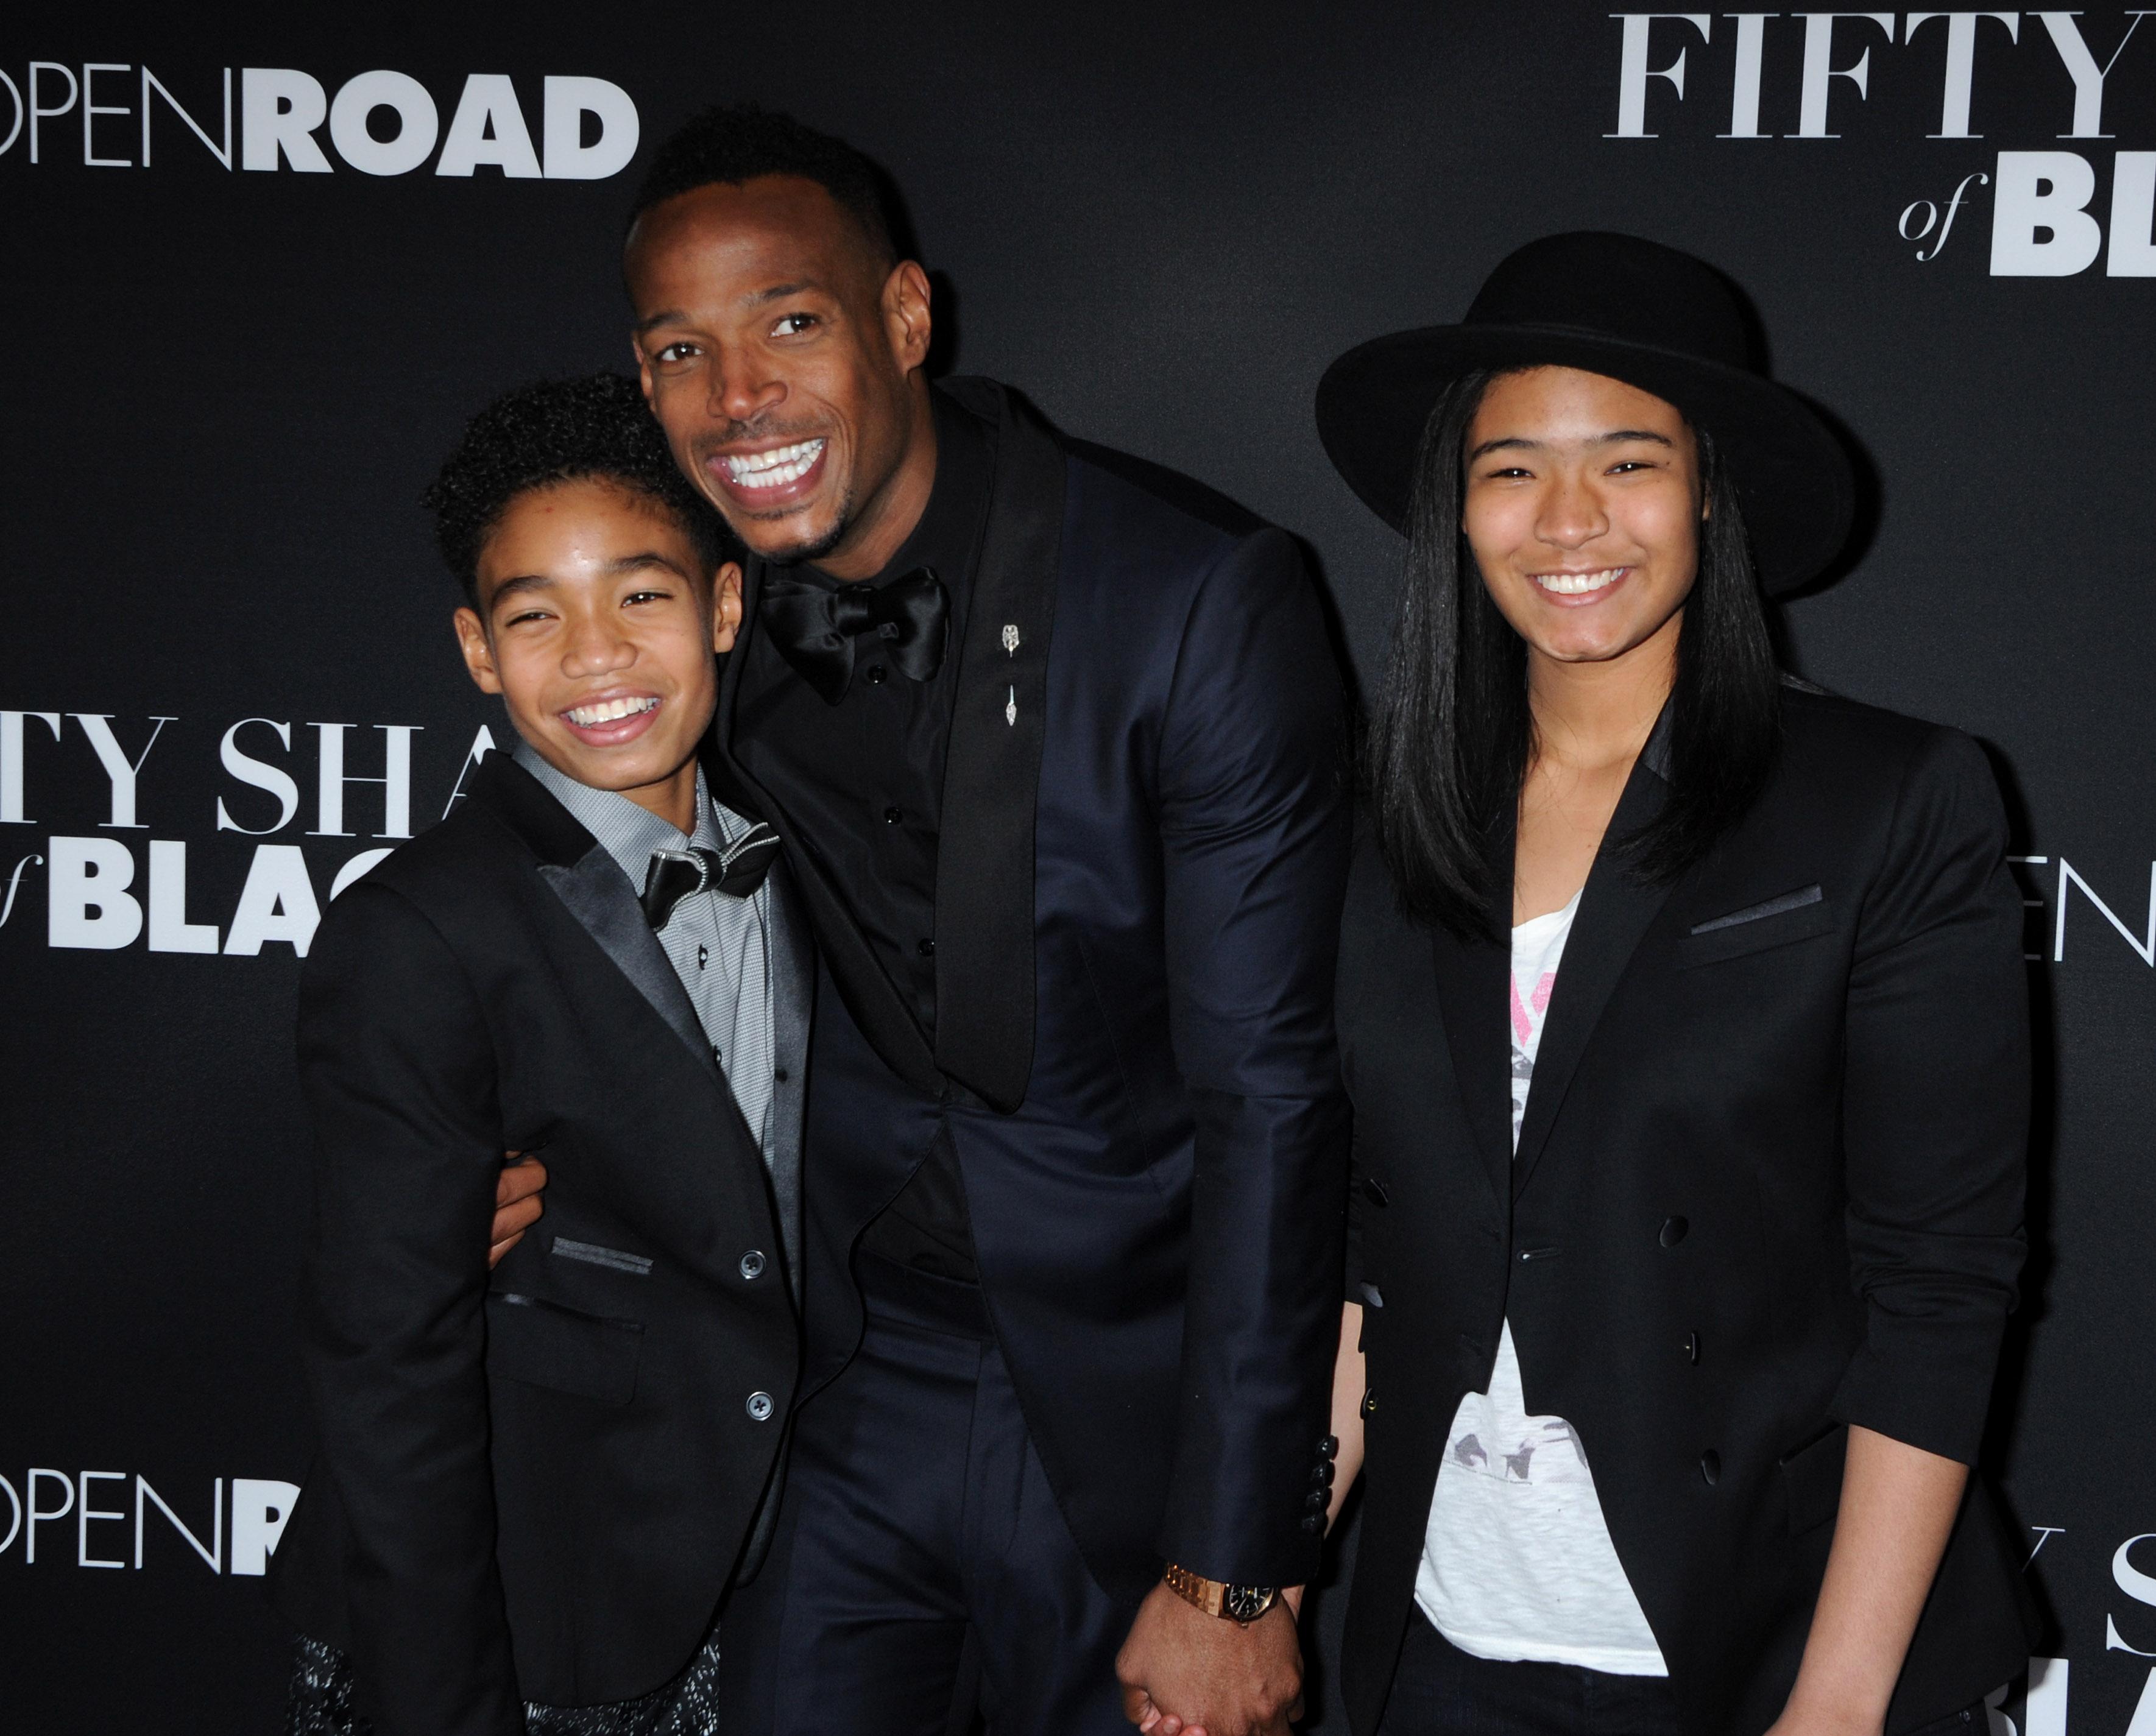 Marlon Wayans daughter Amai and son Shawn